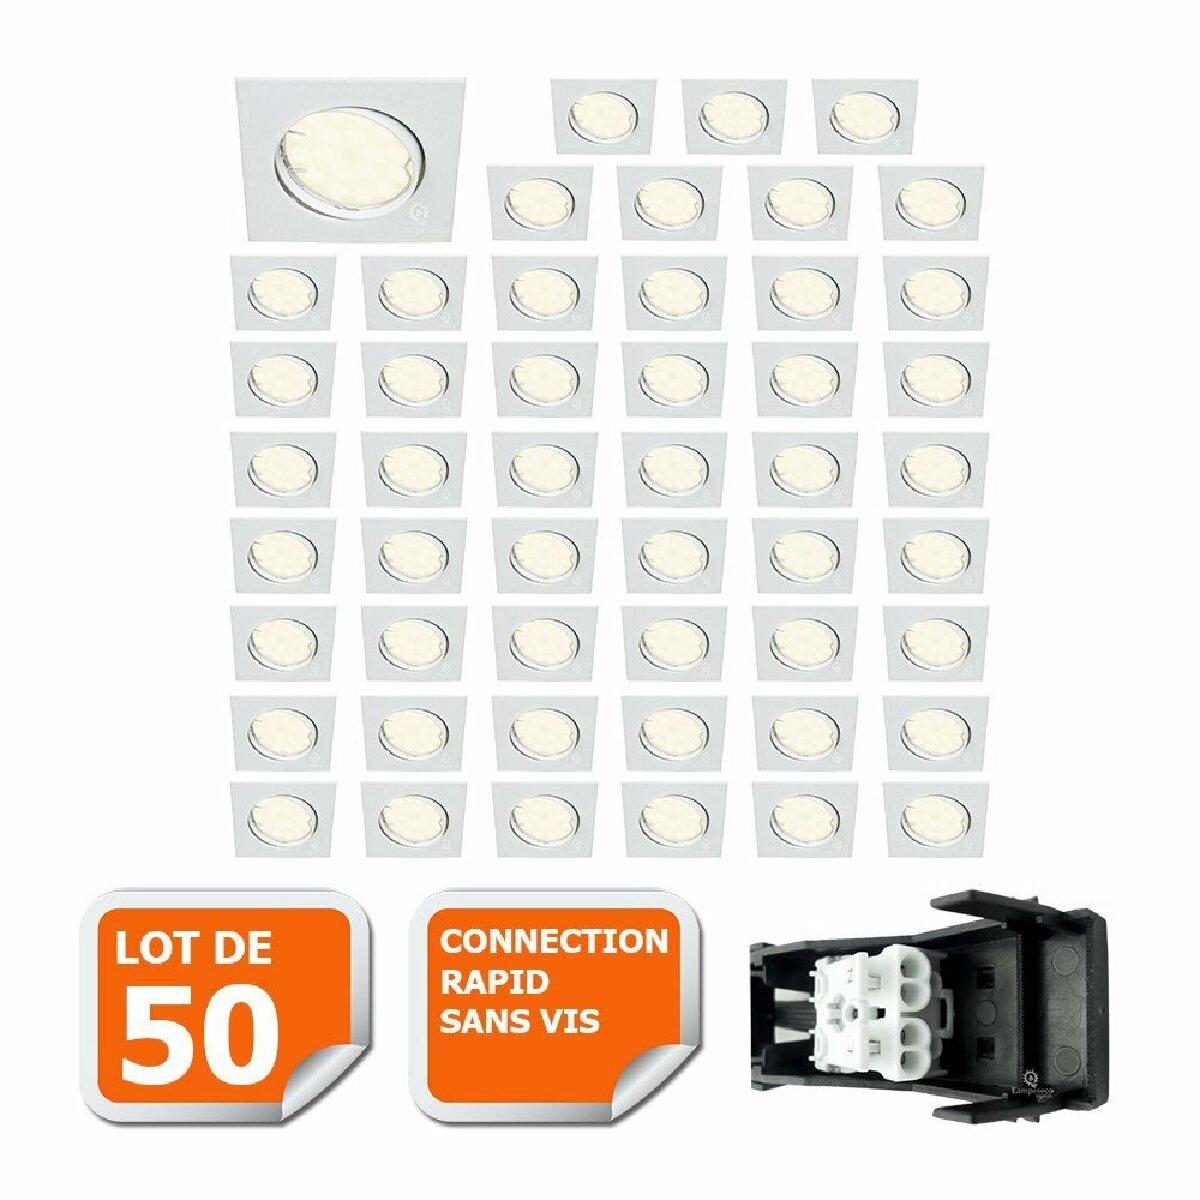 Lampesecoenergie LOT DE 50 SPOT ENCASTRABLE ORIENTABLE LED CARRE GU10 230V eq. 50W BLANC NEUTRE